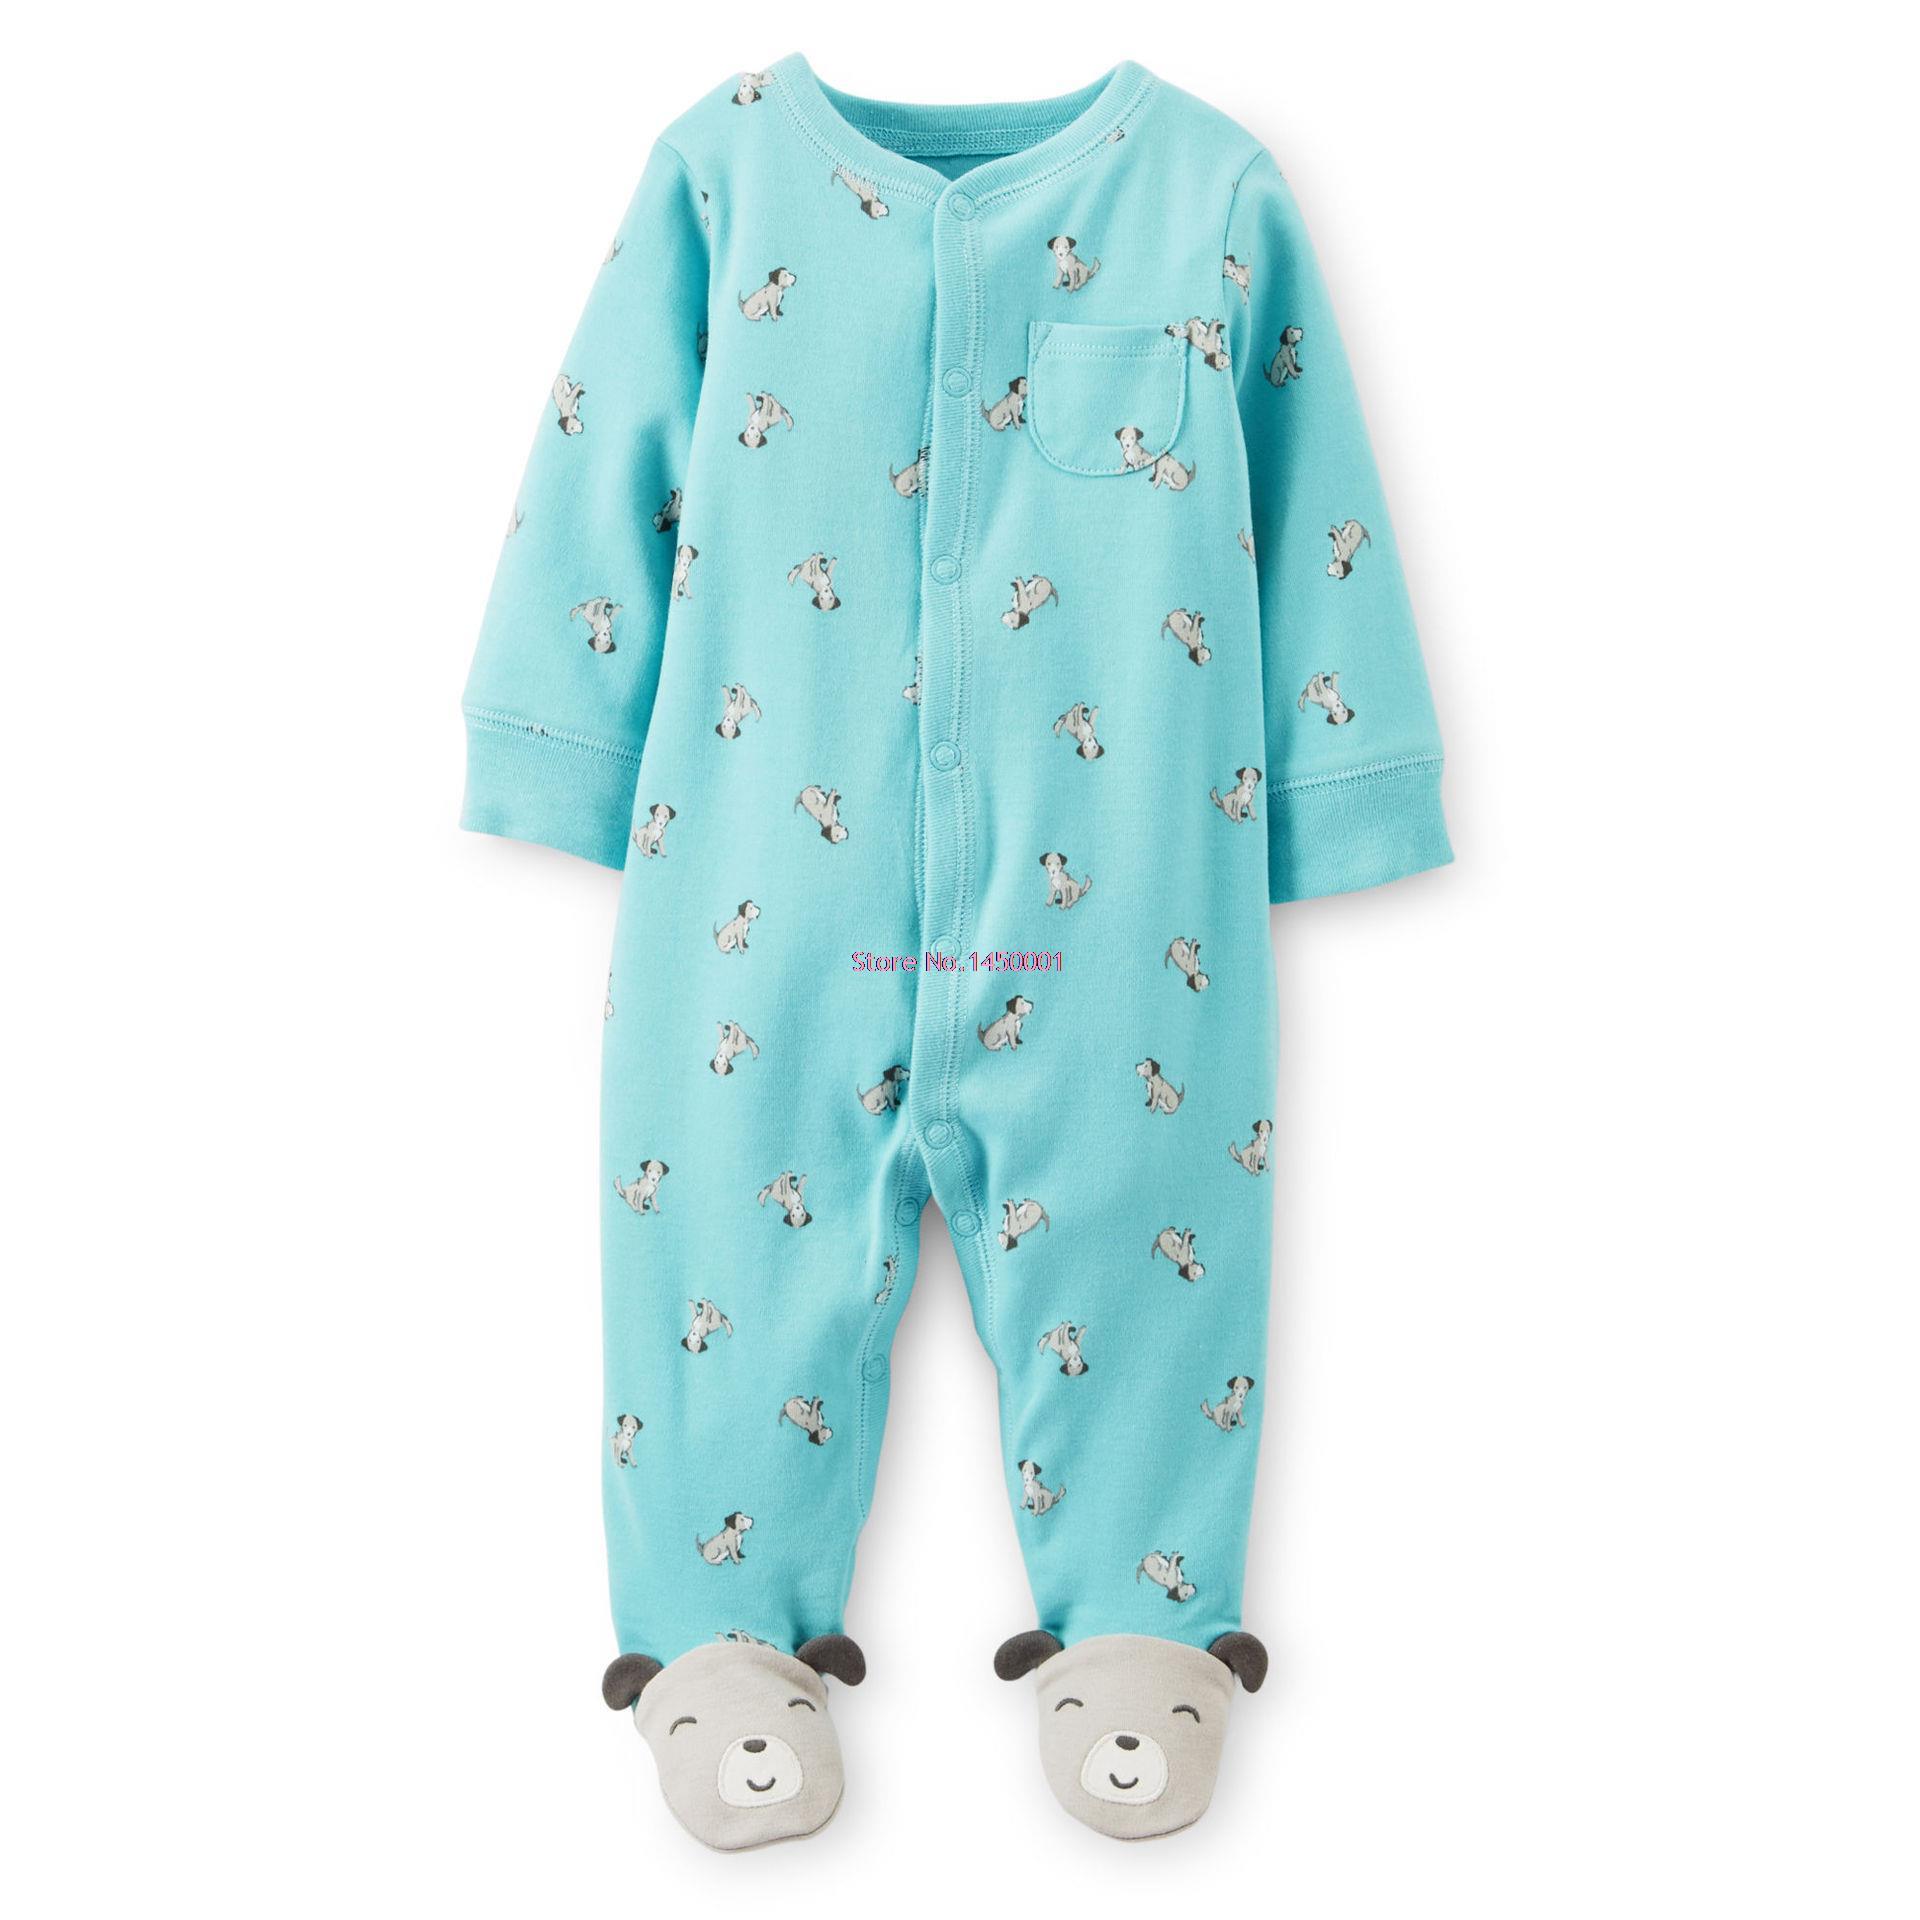 Весна осень флиса ткани месяцев мальчик девочка одежда картеры новорожденный одежда унисекс ребенка комбинезон комплект для мальчика девушка